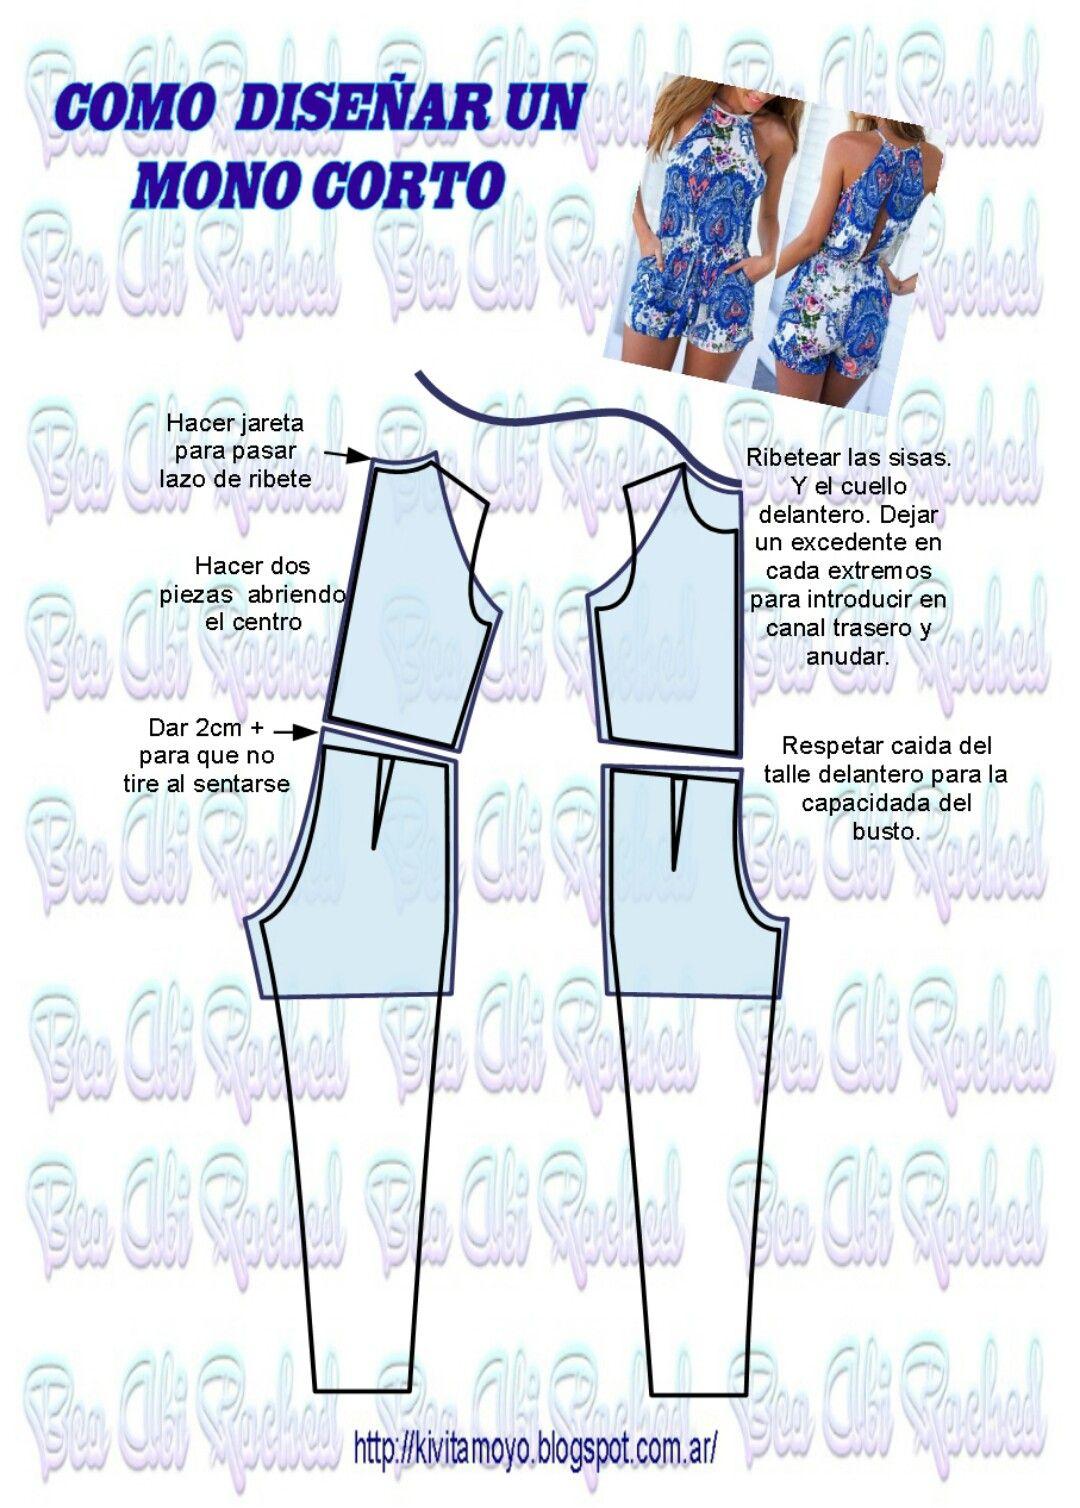 Pin de Mery en giovanna | Pinterest | Costura, Patrones de costura y ...